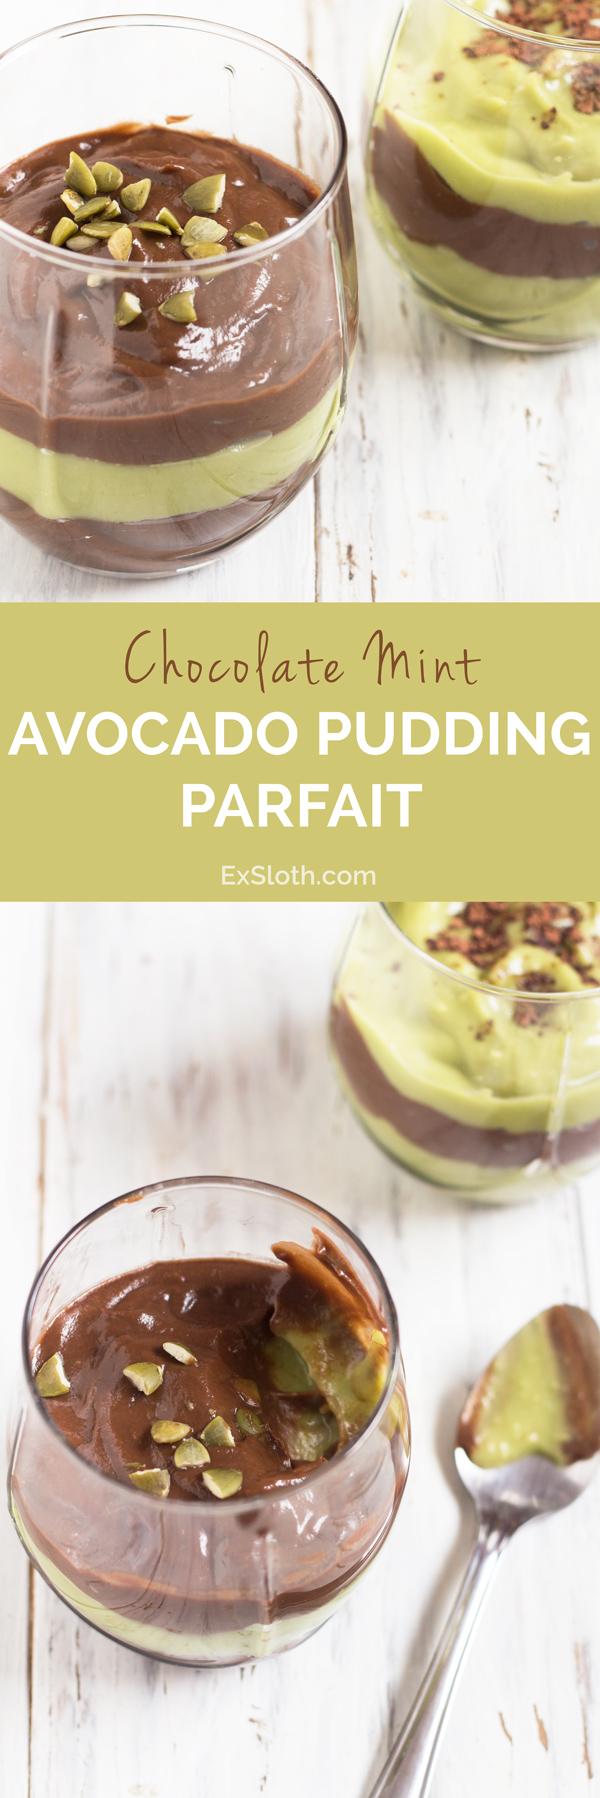 Vegan Chocolate Mint Avocado Pudding Parfait via @ExSloth   ExSloth.com